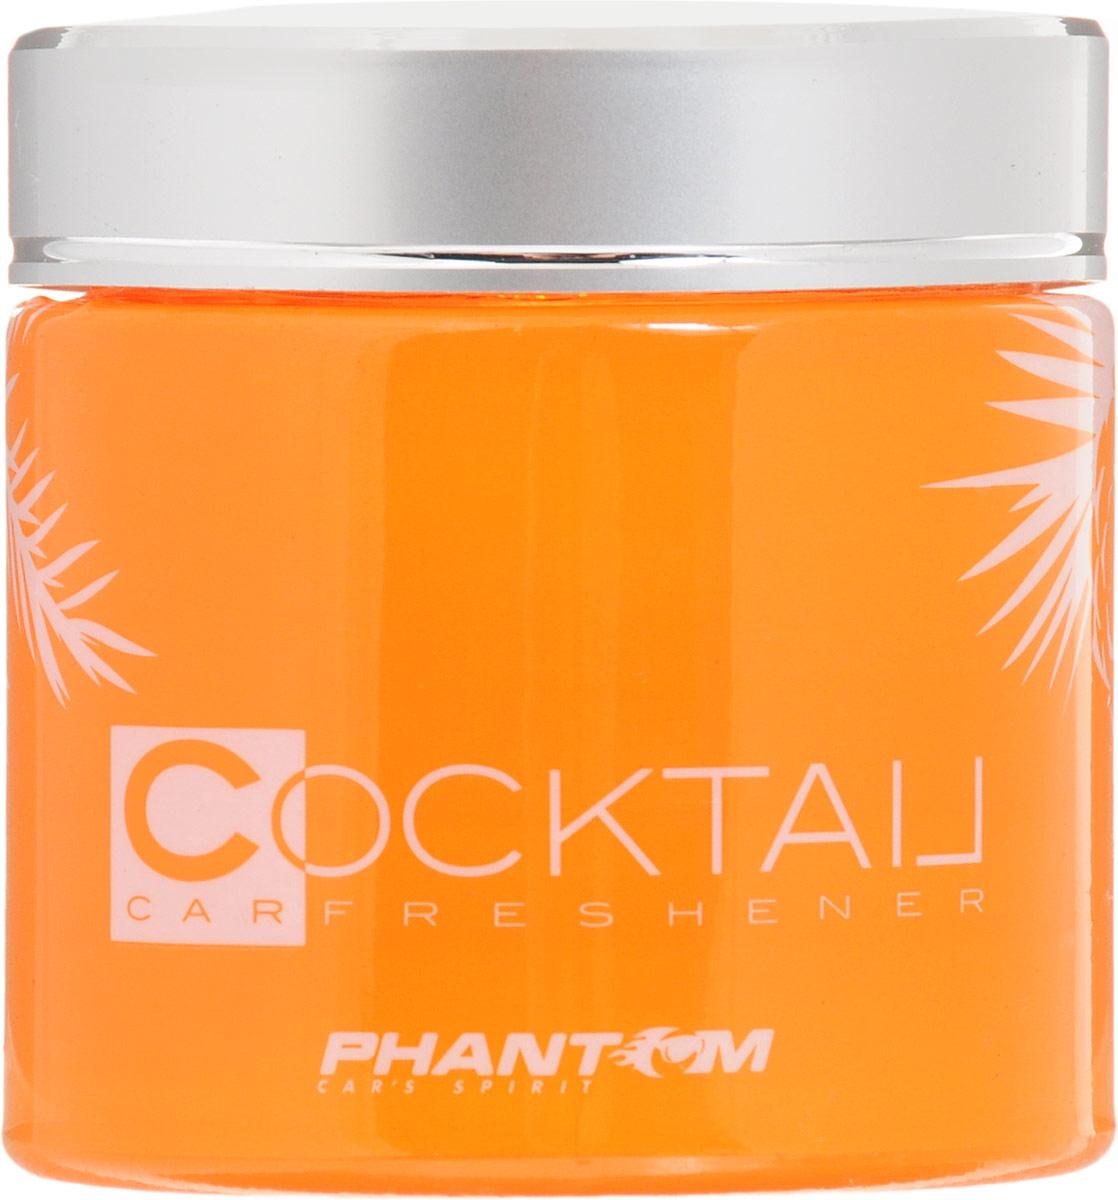 Ароматизатор Tangerine Cocktail, цвет: оранжевый. РН3139PH3631Ароматизатор с запахом мандарина создает приятный, свежий аромат в салоне автомобиля, дома и офисе. Современные технологии изготовления, а также ароматические композиции обеспечивают устойчивый аромат длительное время.Инновационный дизайн - выполнен в оранжевом цвете. Корпус ароматизатора выполнен из высококачественного стекла, а крышка изготовлена из метализированного пластика. Характеристики:Диаметр освежителя: 5 см. Высота освежителя: 6 см. Срок действия: 50 дней. Материал: стекло, пластик, ароматическая отдушка. Размер упаковки: 6,5 см х 6,5 см х 7,5 см. Артикул:РН3139.